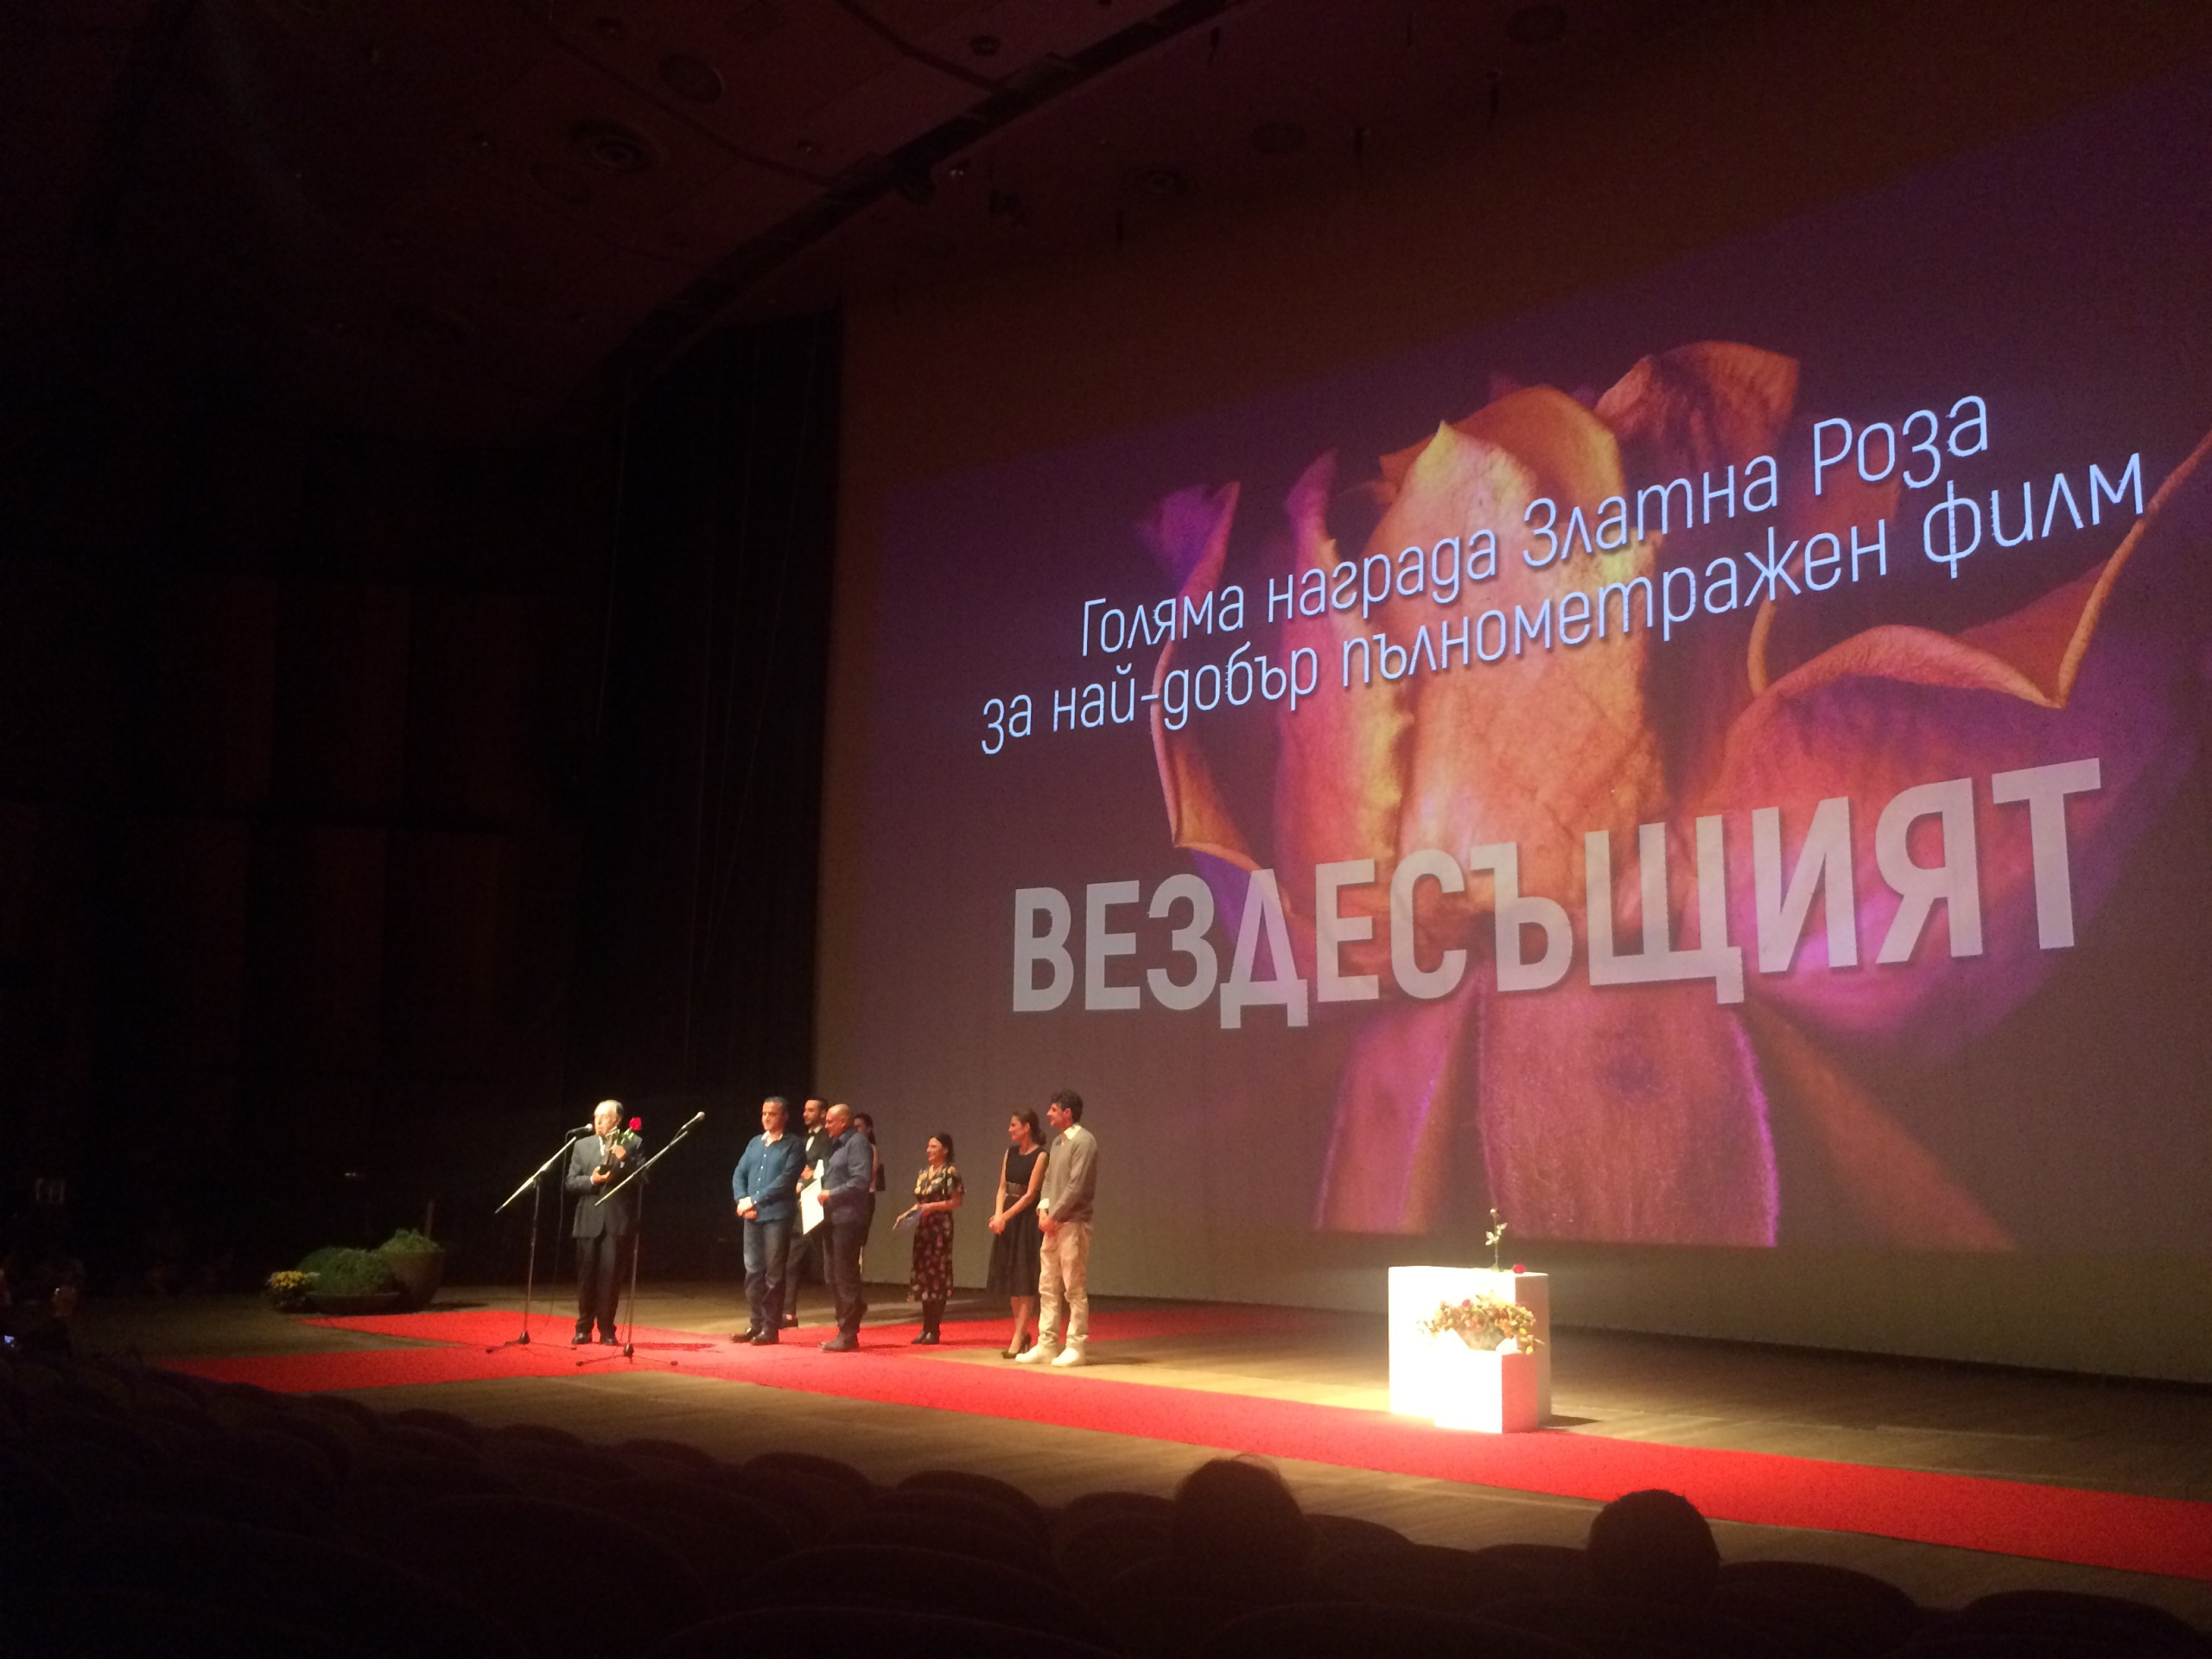 ,,Вездесъщият'' получава ,,Златна роза'' във Варна, 2017